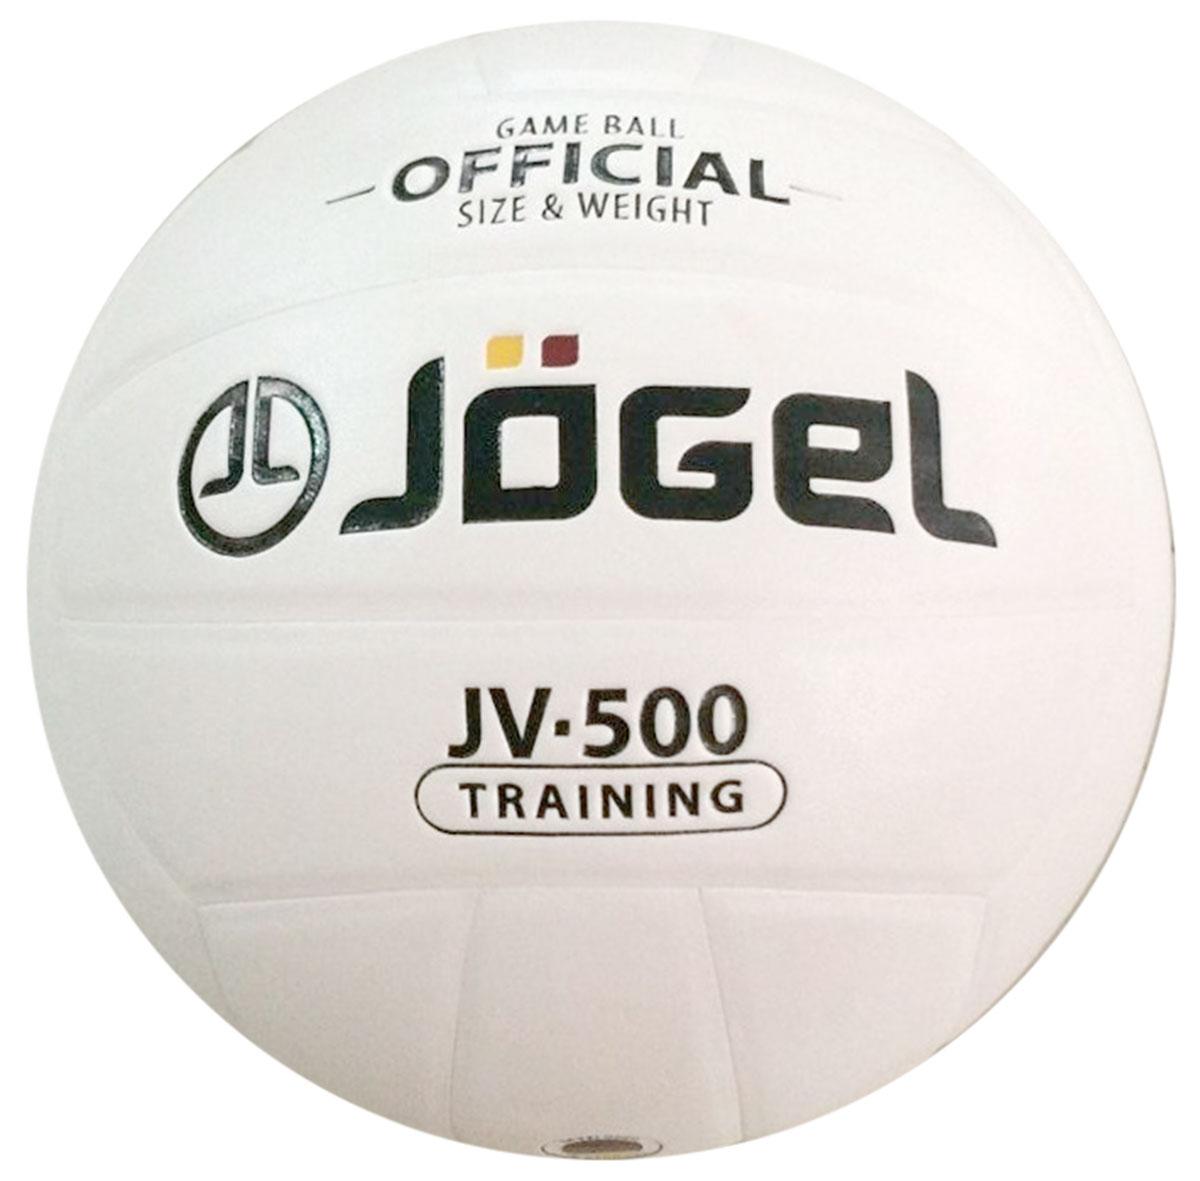 Мяч волейбольный Jogel, цвет: белый. Размер 5. JV-500УТ-00009342Клееный волейбольный мяч Jogel хорошо подойдет для любительской игры и тренировок. Покрышка мяча выполнена из синтетической кожи (полиуретан), которая обладает хорошей износостойкостью и отличными игровыми характеристиками.Мяч состоит из 18 склеенных панелей. Мяч оснащен камерой из бутила и армирован подкладочным слоем из ткани. Вес: 260-280 гр.Длина окружности: 65-67 см.Рекомендованное давление: 0.29-0.32 бар. УВАЖАЕМЫЕ КЛИЕНТЫ!Обращаем ваше внимание на тот факт, что мяч поставляется в сдутом виде. Насос в комплект не входит.